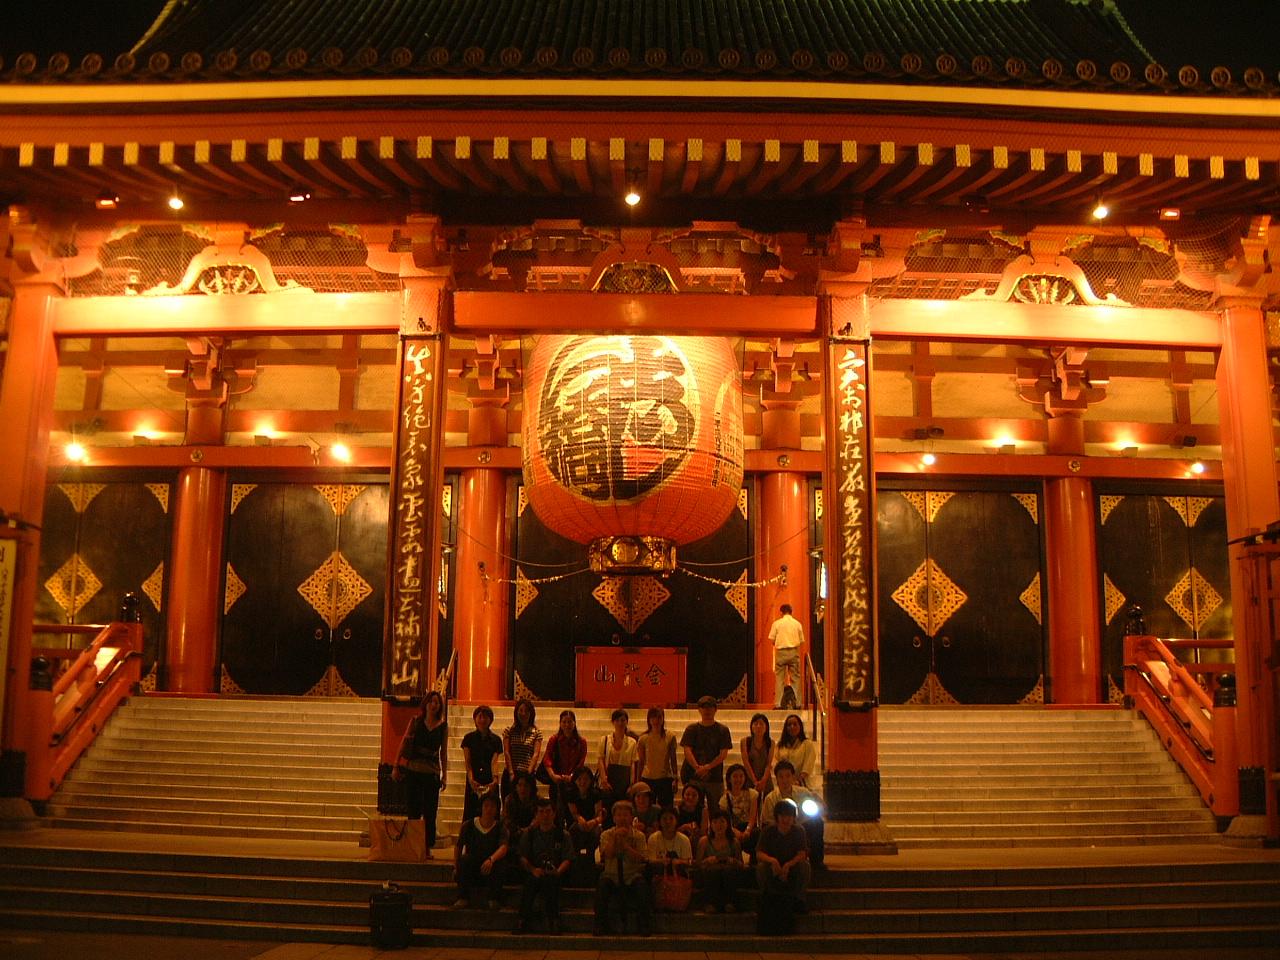 街歩き2004:隅田川ライン編